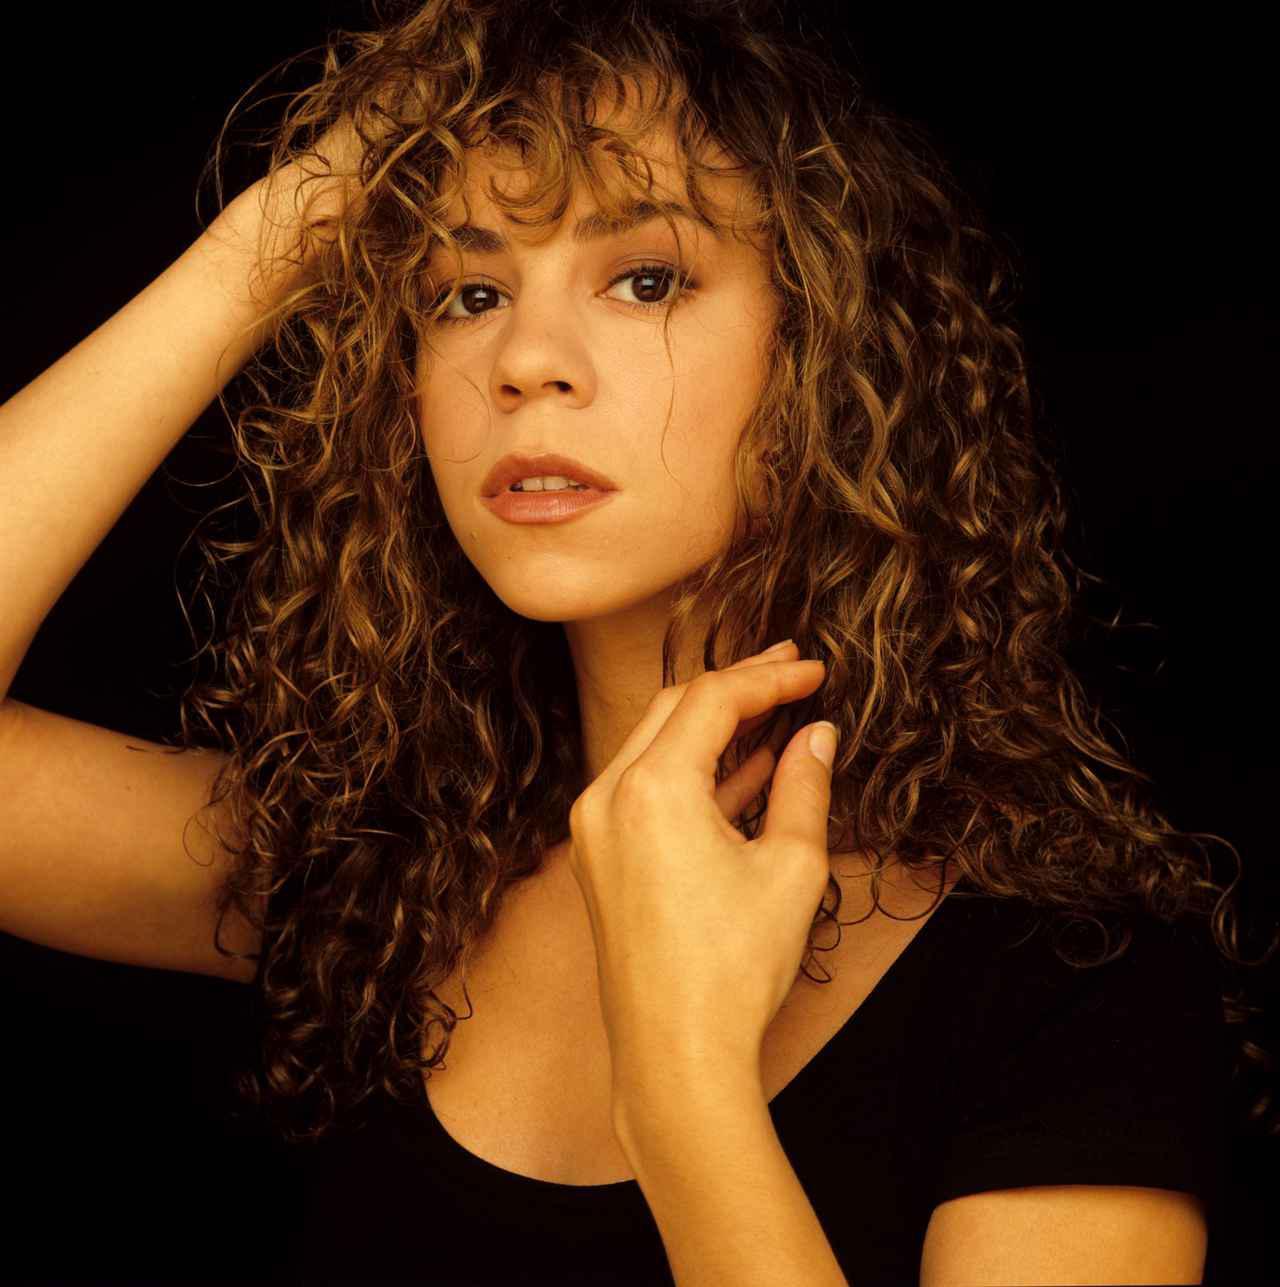 画像: 1990年、20歳頃のマライア・キャリー。